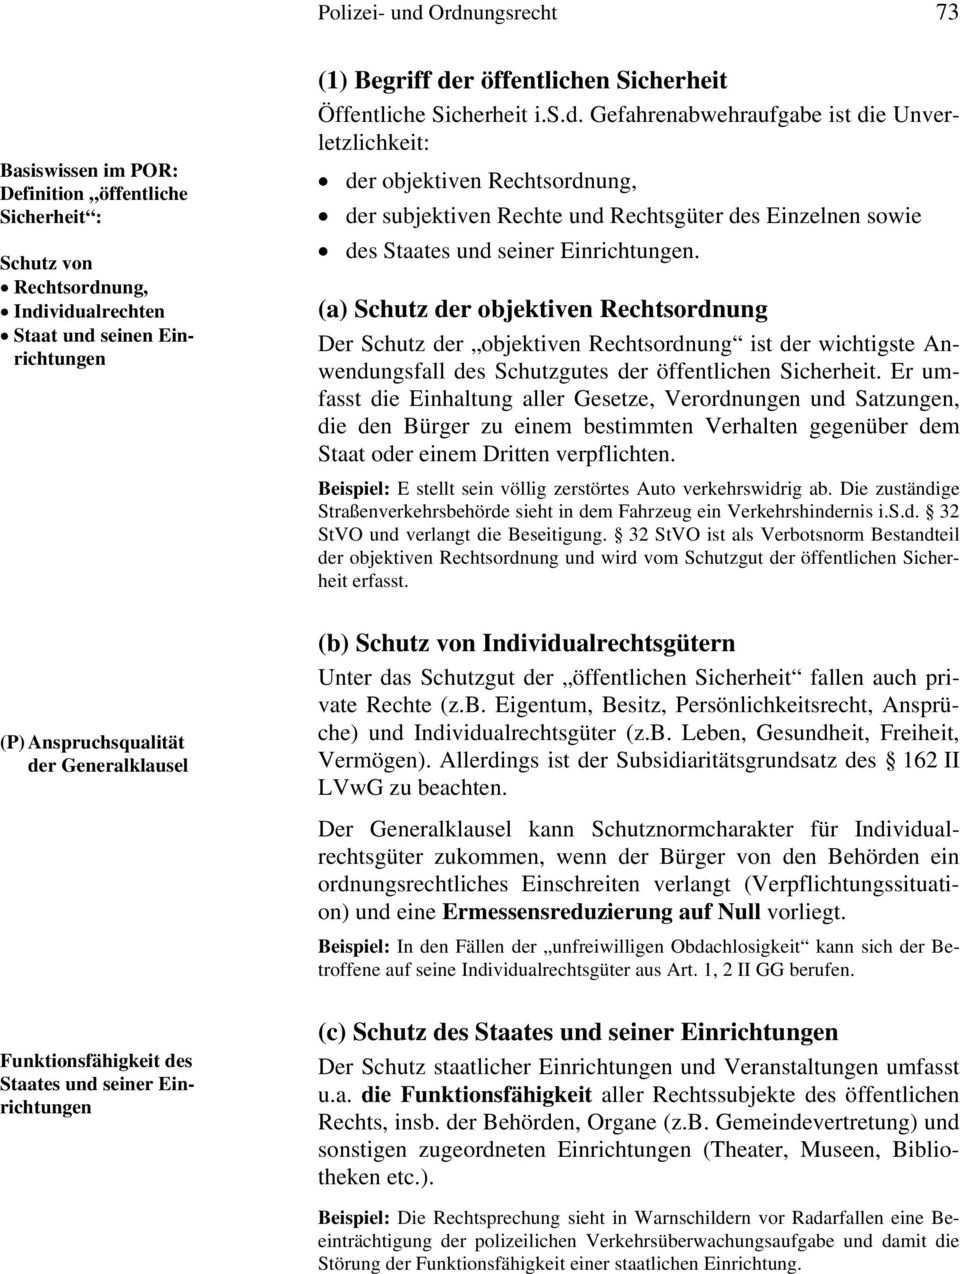 Polizei Und Ordnungsrecht Pdf Free Download